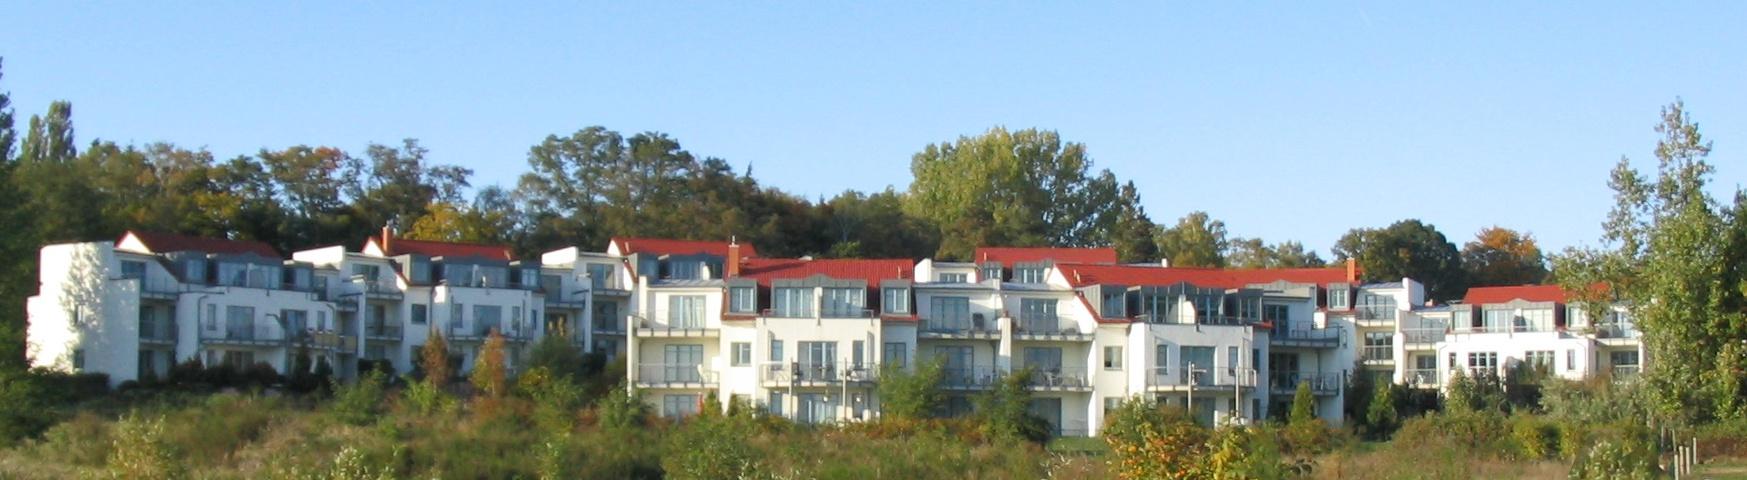 Ferienwohnungen Herrmann in der Residenz Bellevue in 17454 Zinnowitz